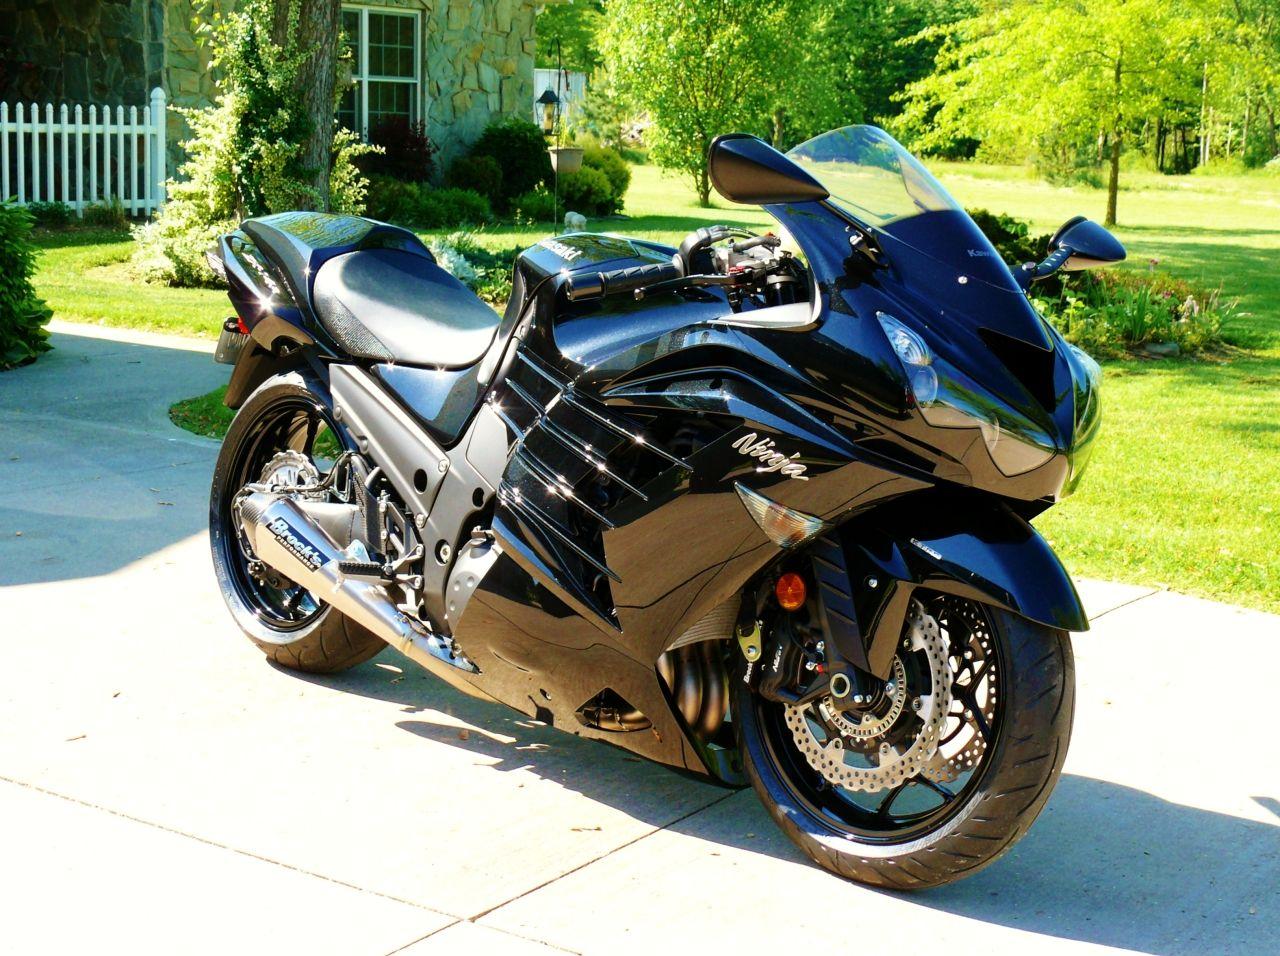 Kawasaki Ninja Custom Zx14r 2013 Google Search Kawasaki